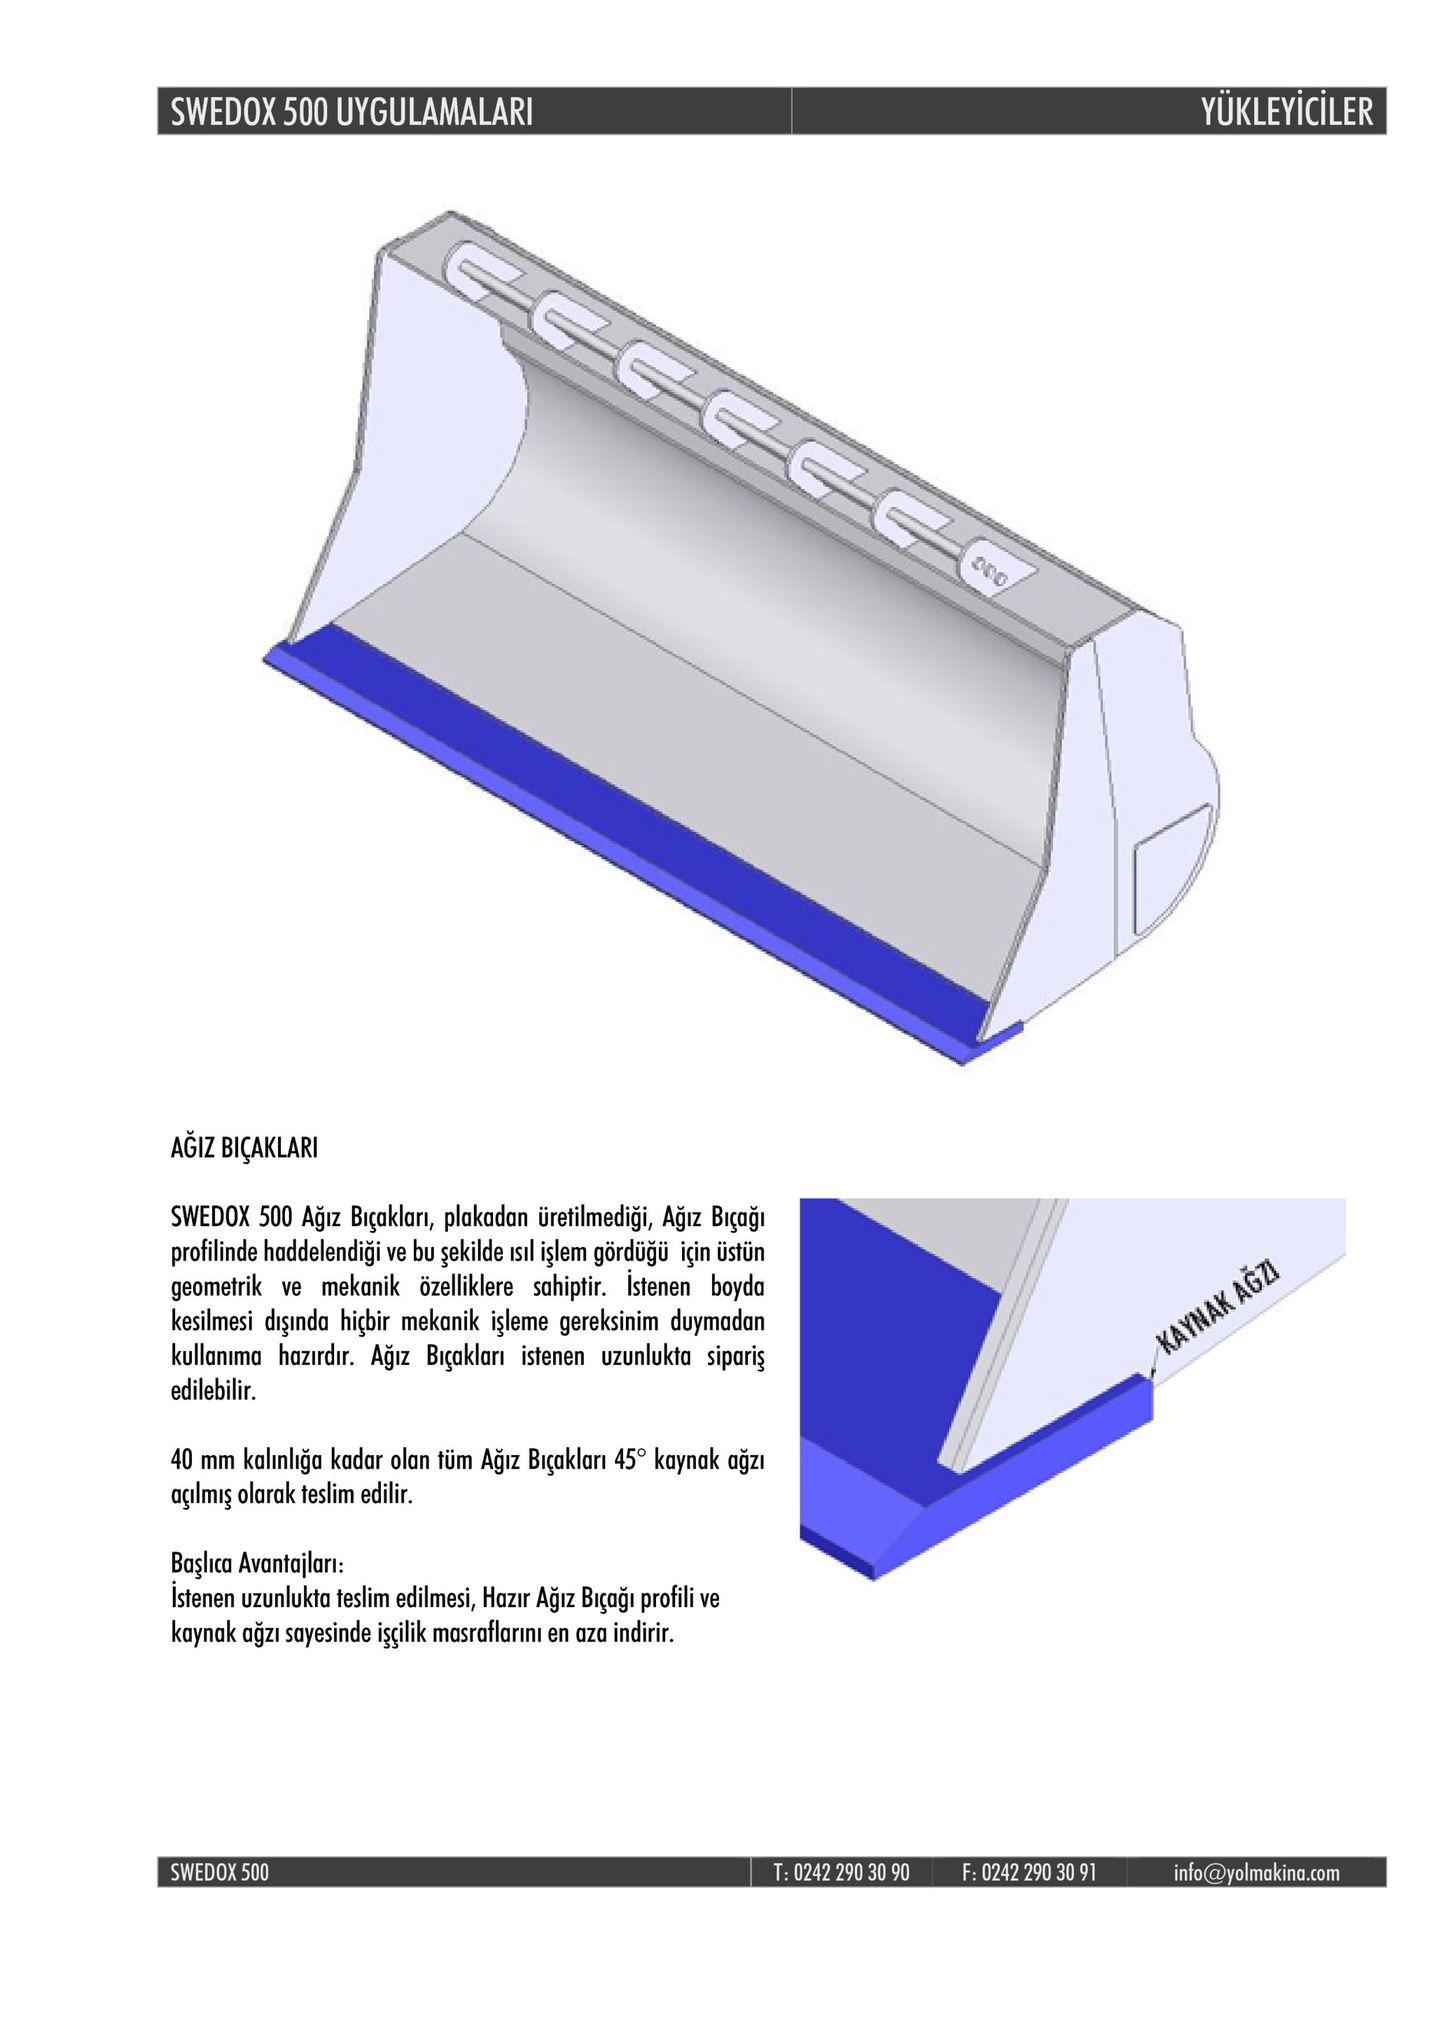 swedox 500 uygulamalar yukleyiciler agiz biçaklari swedox 500 ağız bıçakları, plakadan üretilmediği, agız biçaği profilinde haddelendiği ve bu şekilde isıl işlem gördüğü için üstün geometrik ve mekanik özelliklere sahiptir. istenen boyda kesilmesi dşında hichir mekanik işleme gereksi kullanima hazırdır. ağız biçakları istenen uzunlukta sipariş edilebilir. gereksinim duymadan 40 mm kalınlığa kadar olan tüm ağız biçakları 45° kaynak ağzı acilmis olarak teslim edilir, başlıca avantajlari istenen uzunlukta teslim edilmesi, hazır ağız biçağı profili ve kaynak ağzı sayesinde işçilik masraflarini en aza indirir swedox 500 t: 0242 290 30 90 f: 0242 290 30 91 info@yolmakina.com